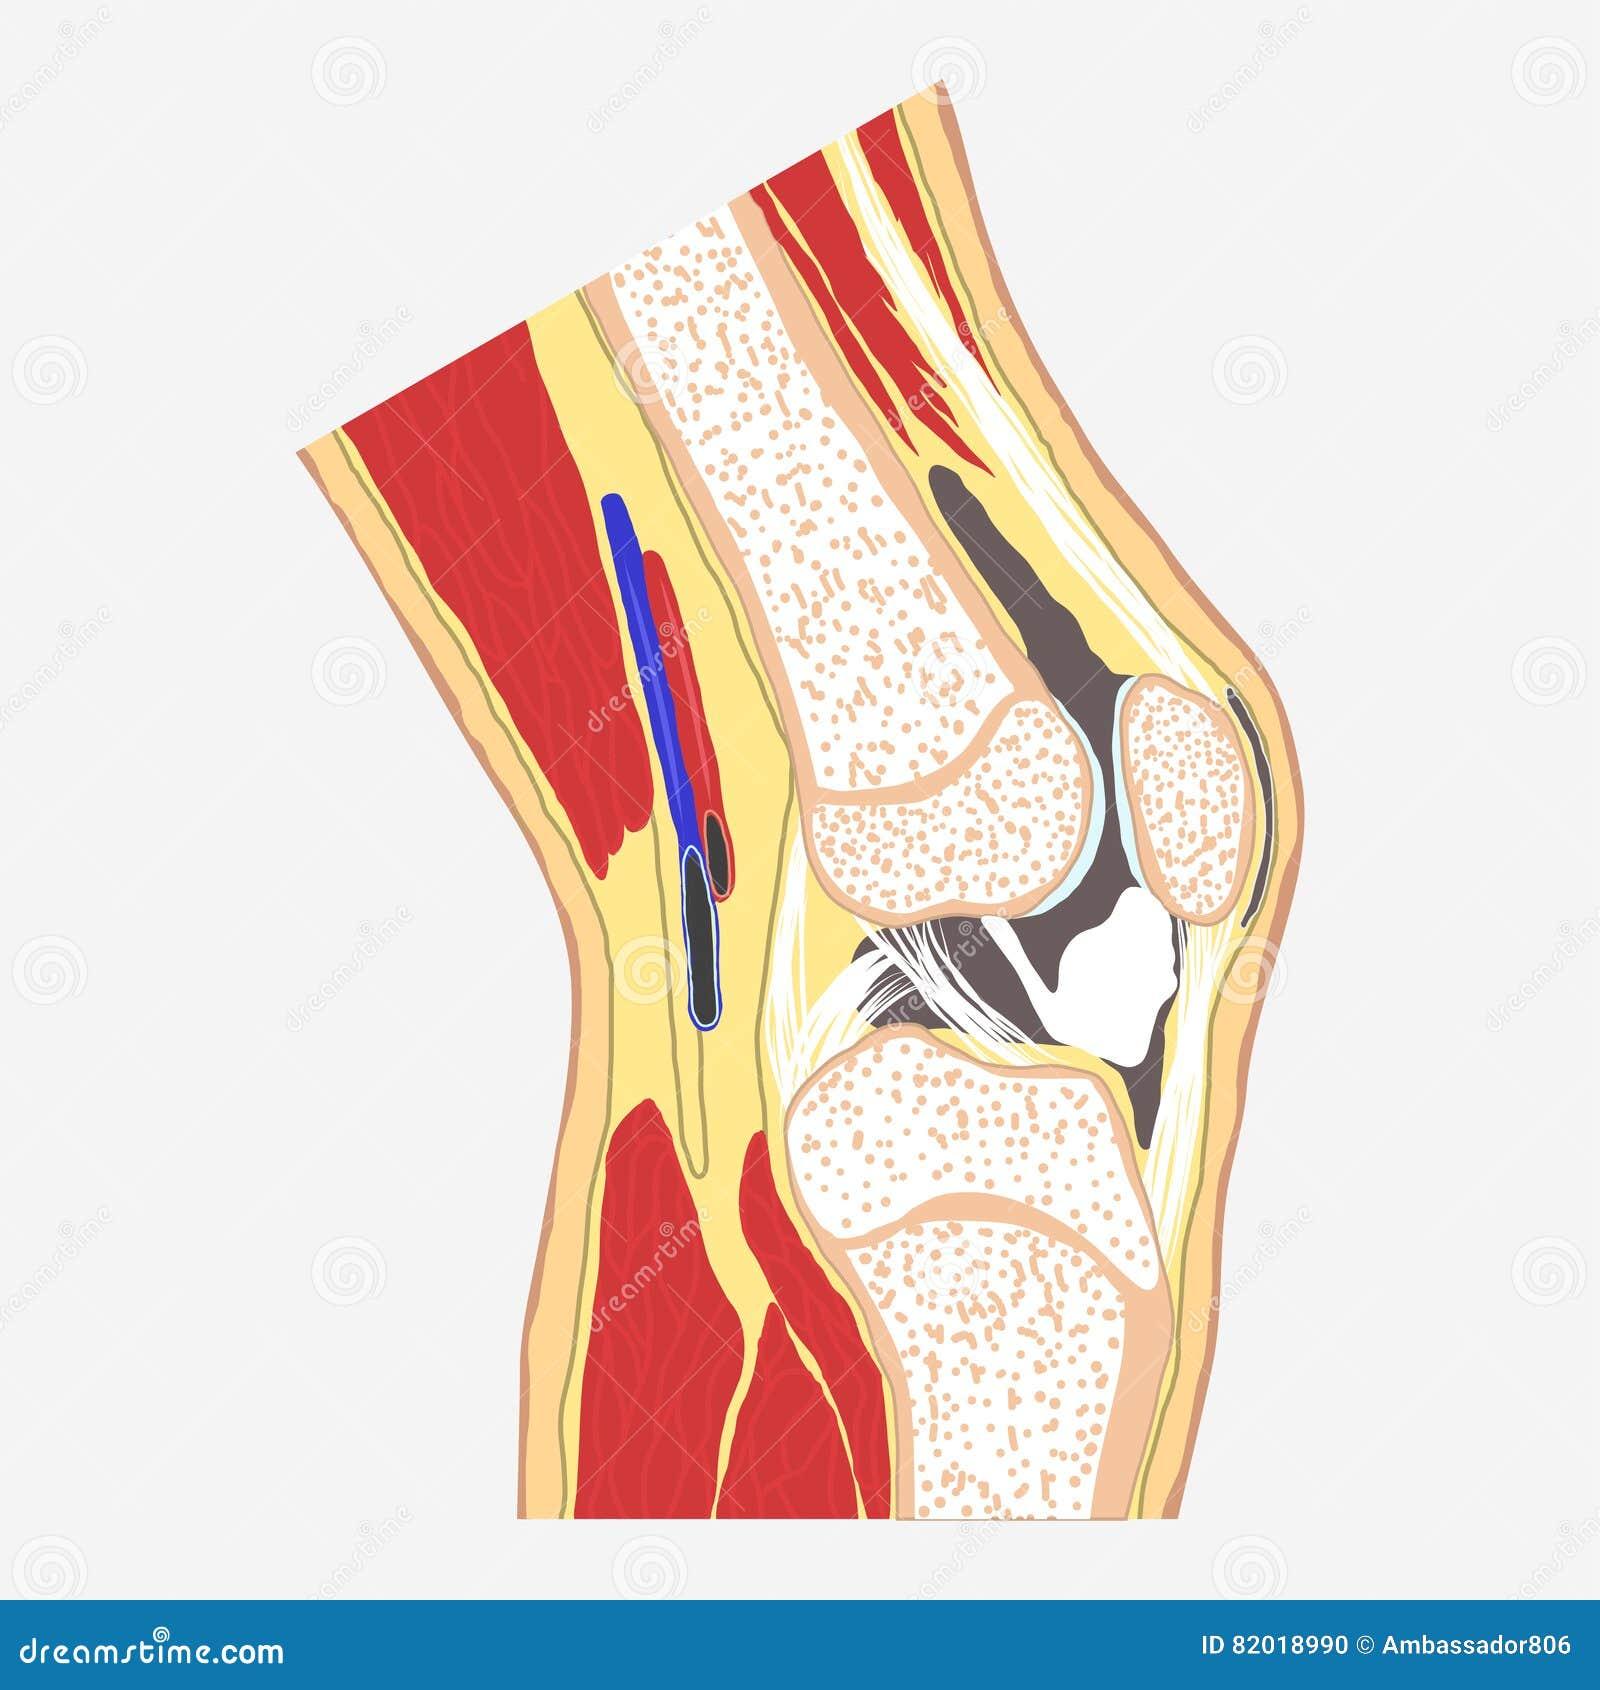 Junta de rodilla humana ilustración del vector. Ilustración de hueso ...